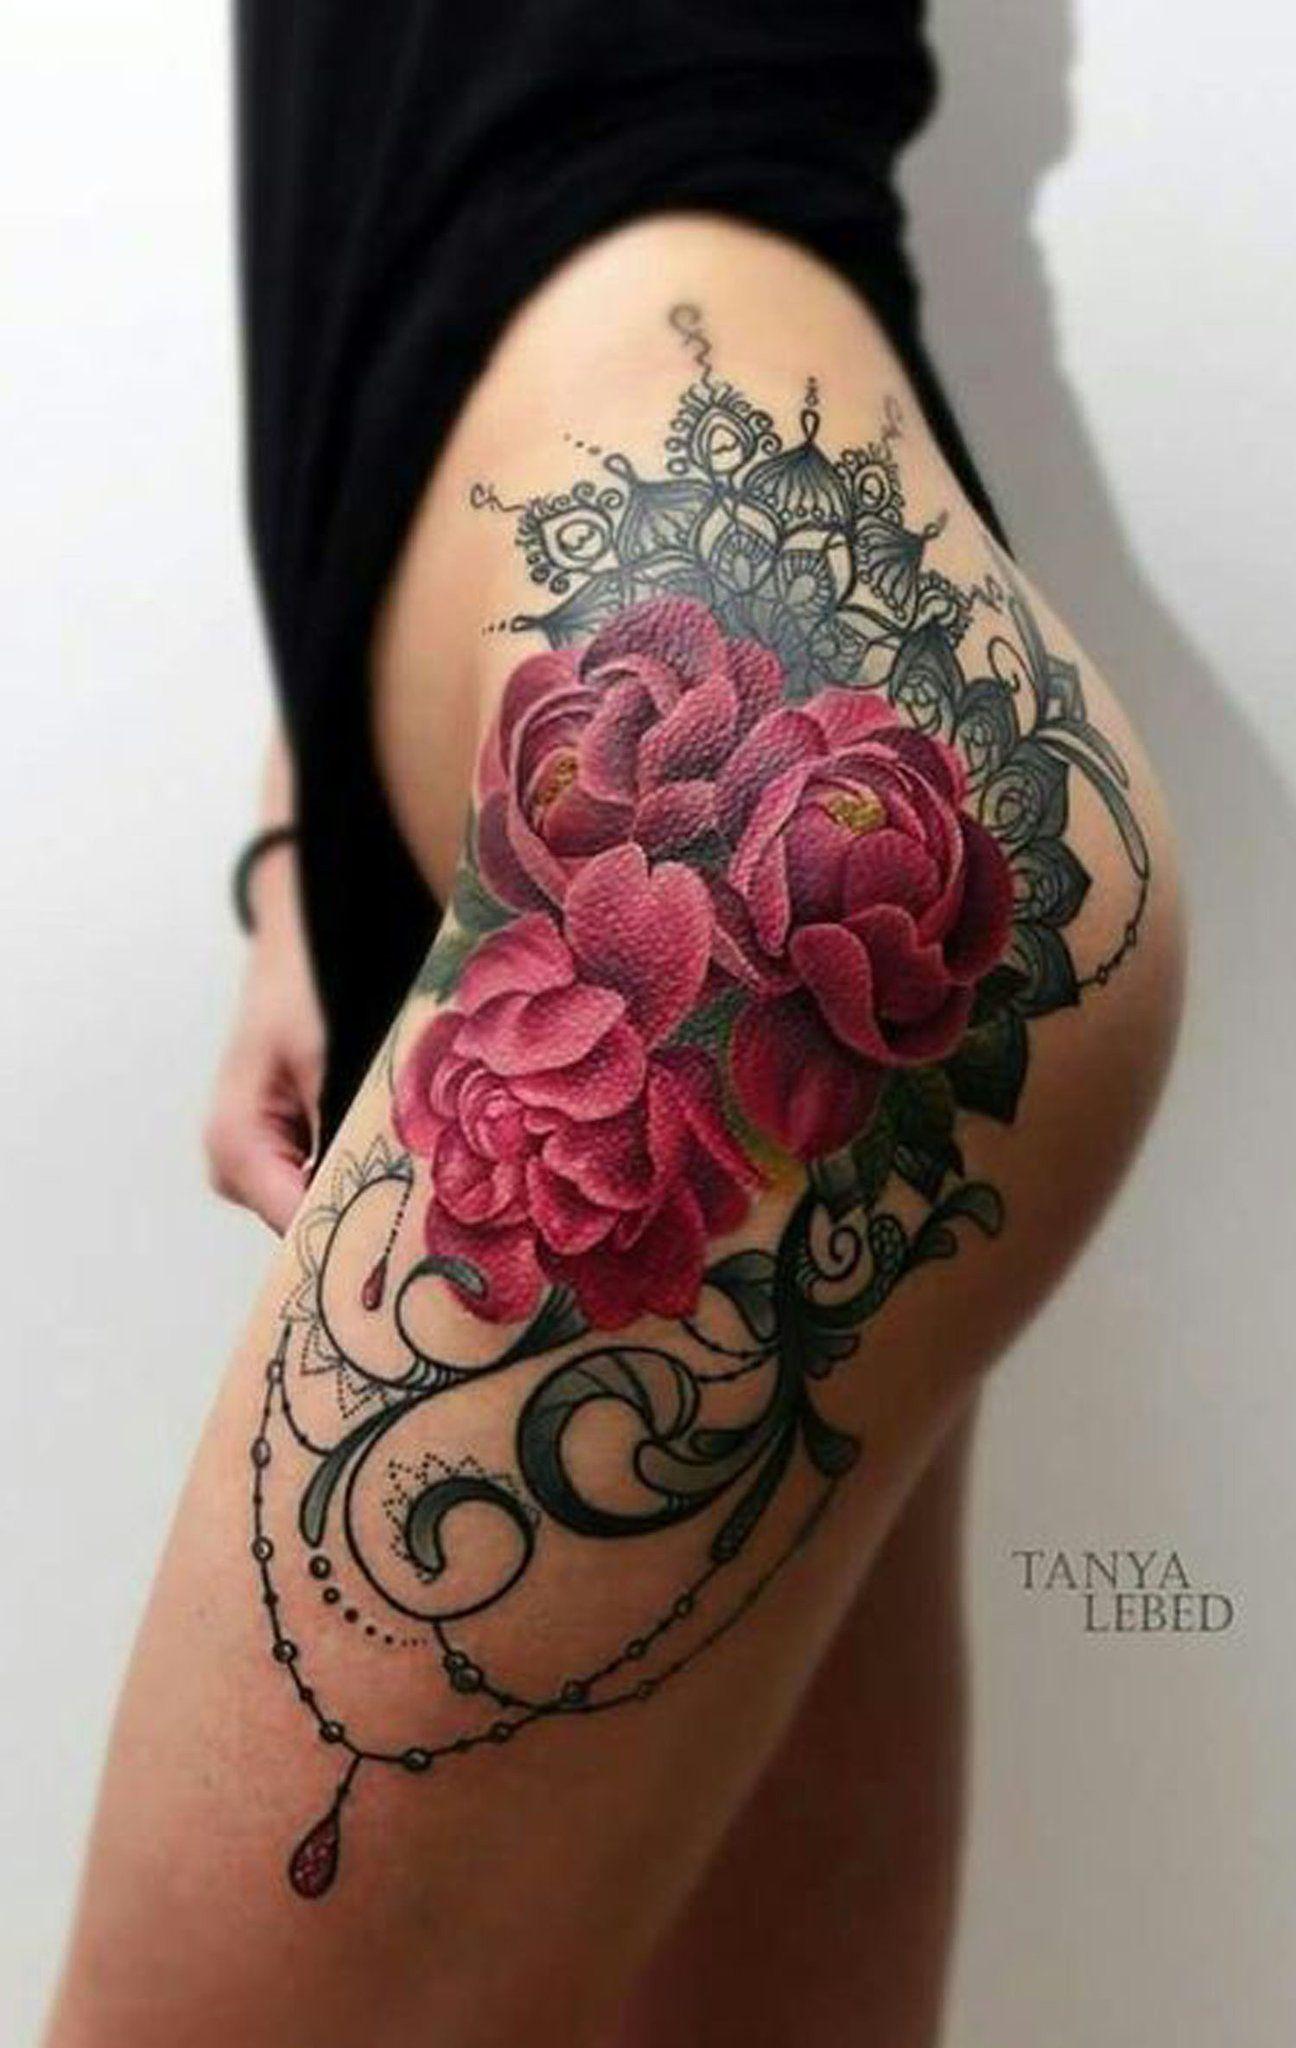 30 of the most realistic lace tattoo ideas in 2018 tattoos watercolor rose thigh tattoo ideas at mybodiart black lace upper leg tatt leg izmirmasajfo